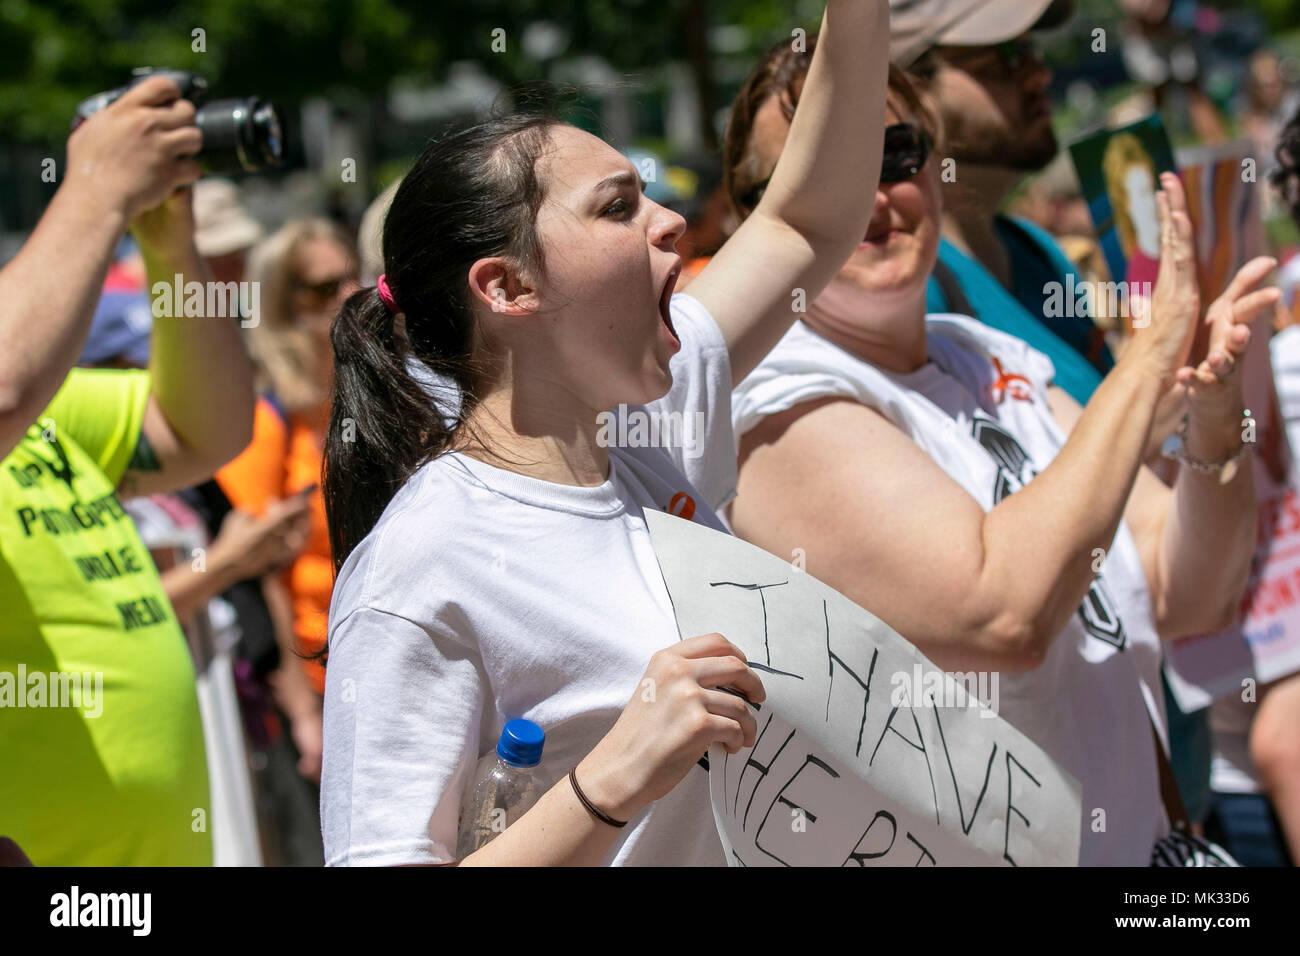 Dallas, USA  05th May, 2018  Demonstrators display signs at